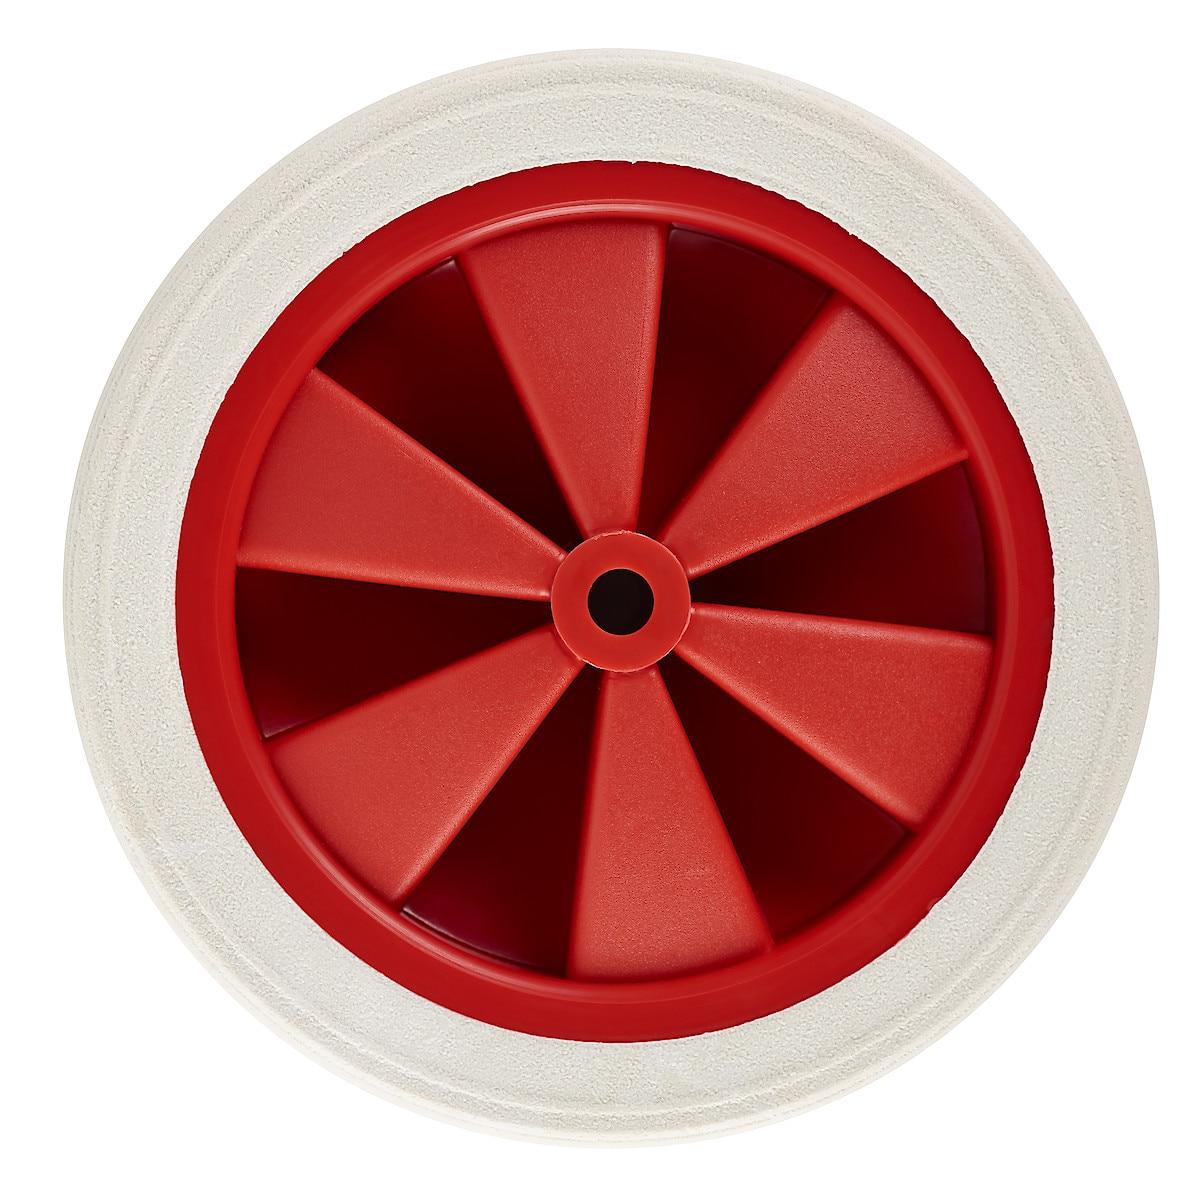 Hobbyhjul med gummibana